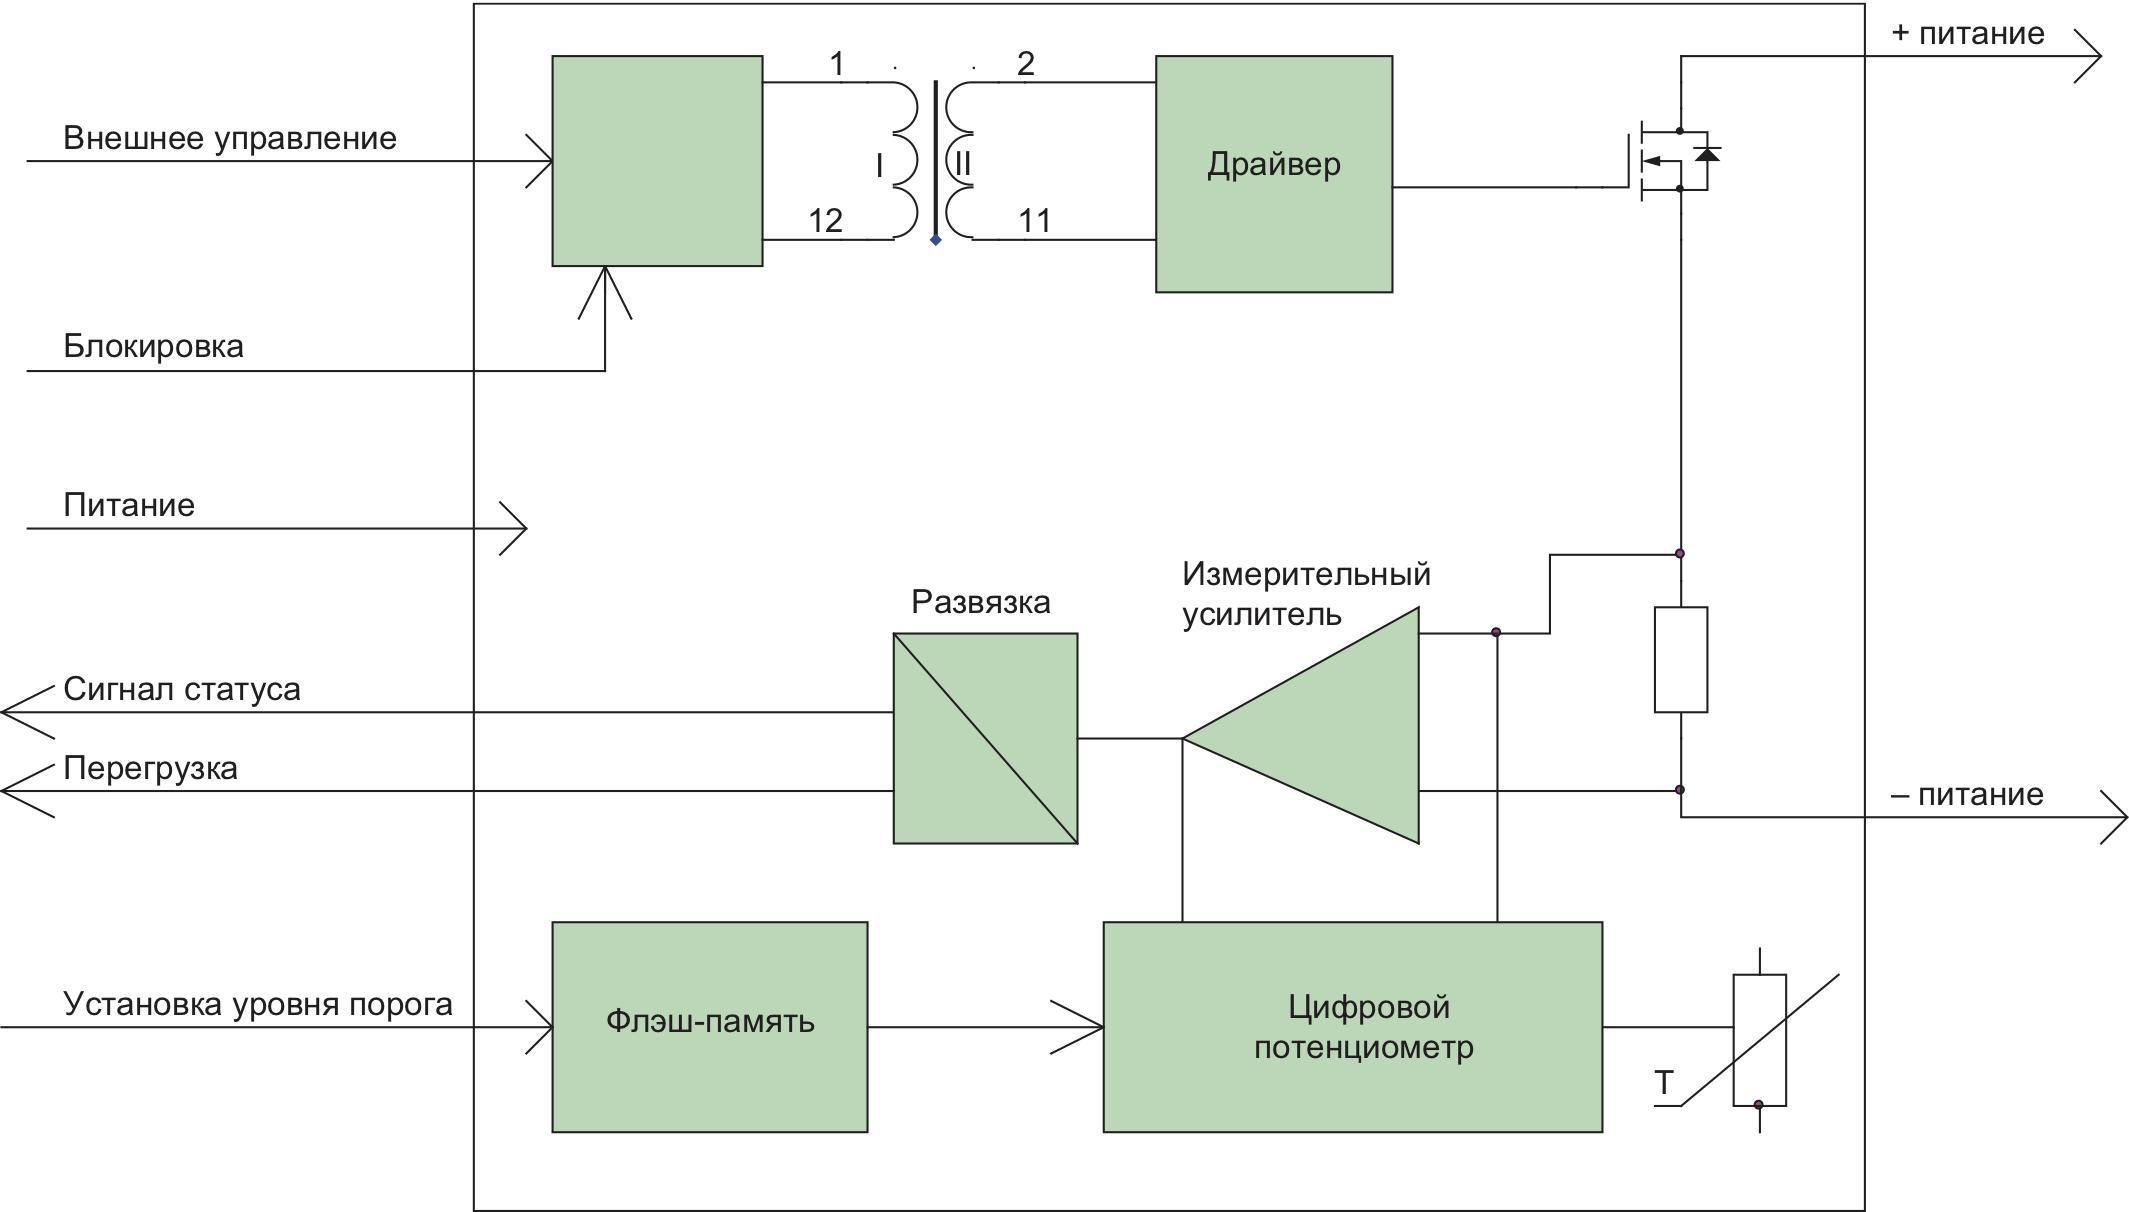 Структурная схема универсального СЭК